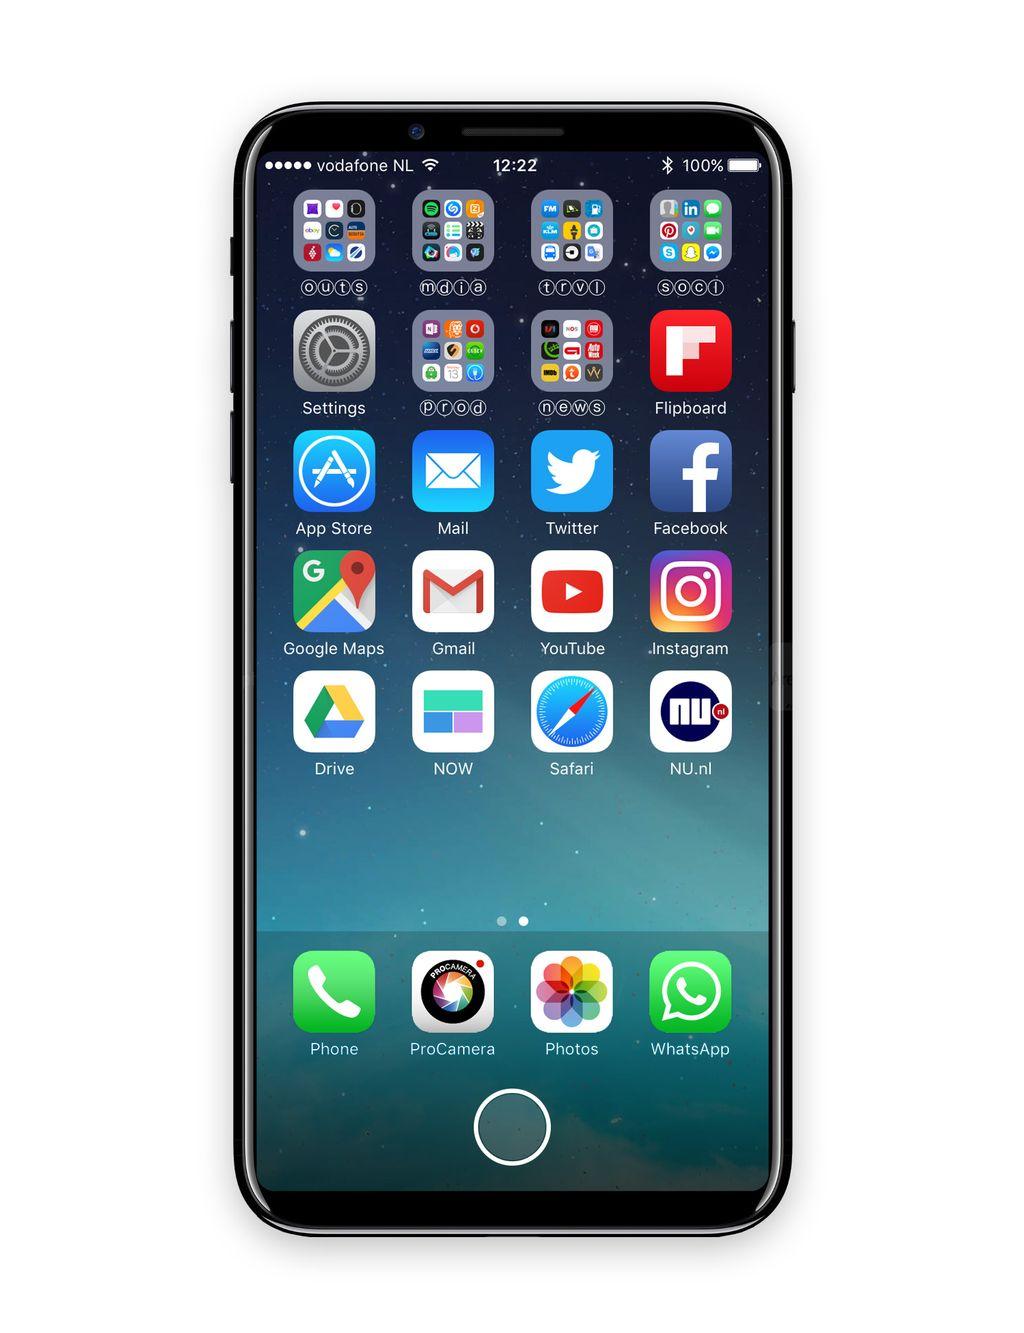 Ini adalah konsep iPhone 8 kreasi desainer bernama Deuxani berdasarkan rumor yang beredar. Foto: istimewa